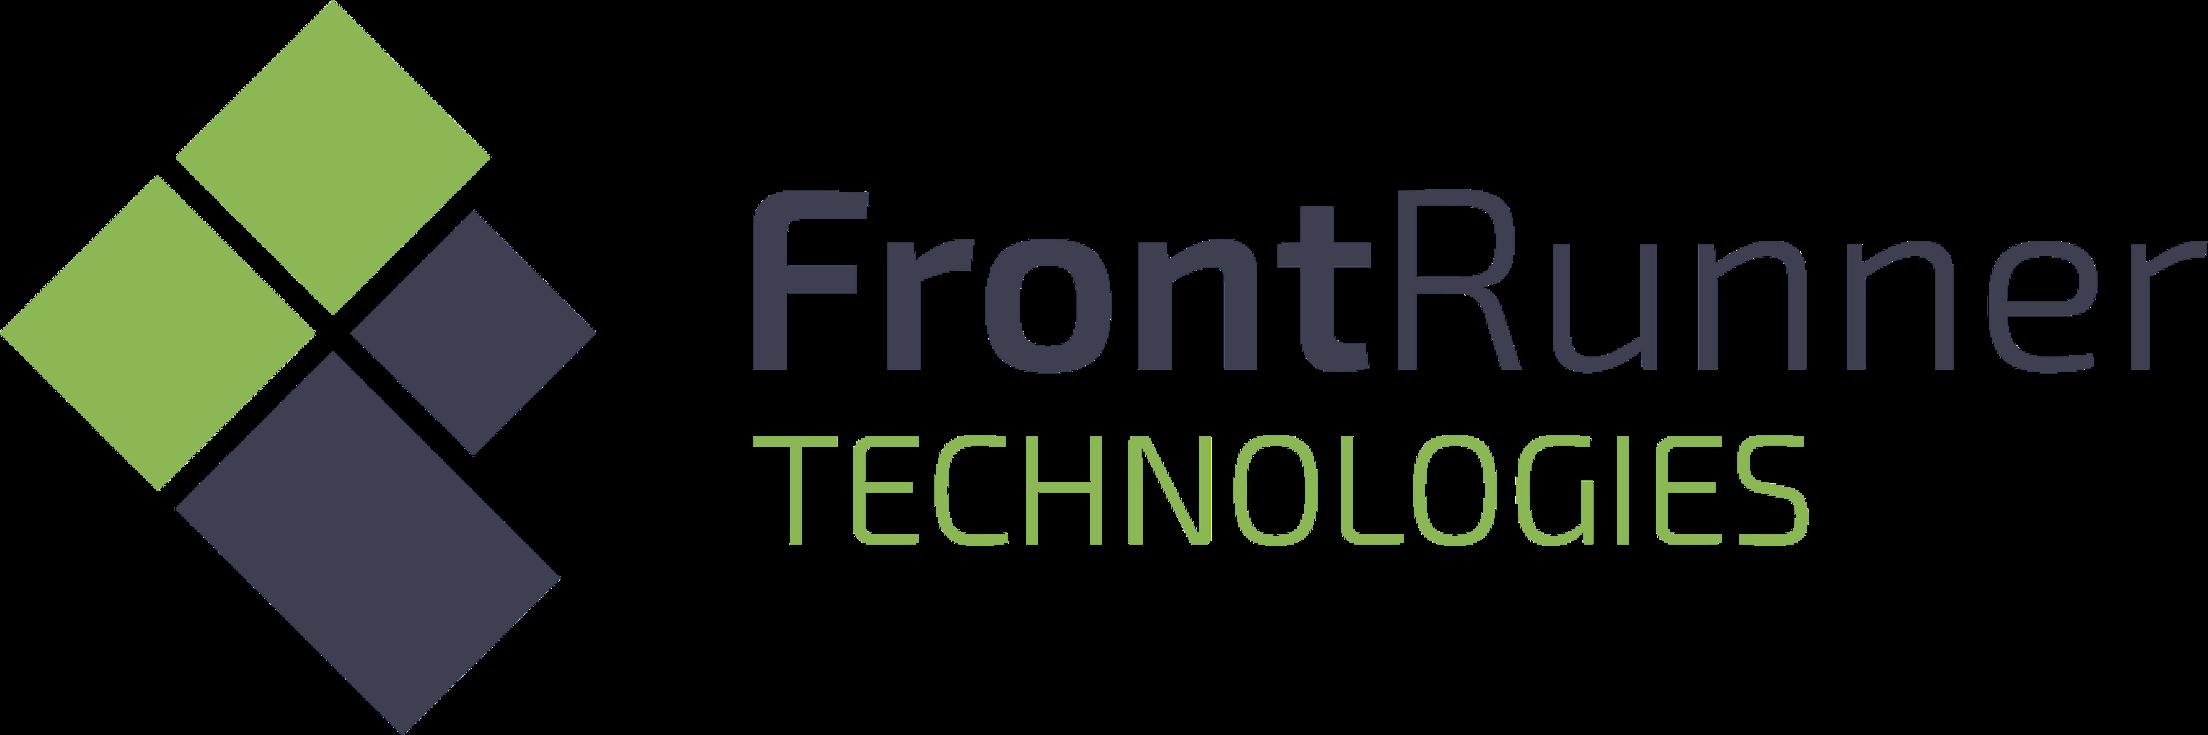 FrontRunner Technologies